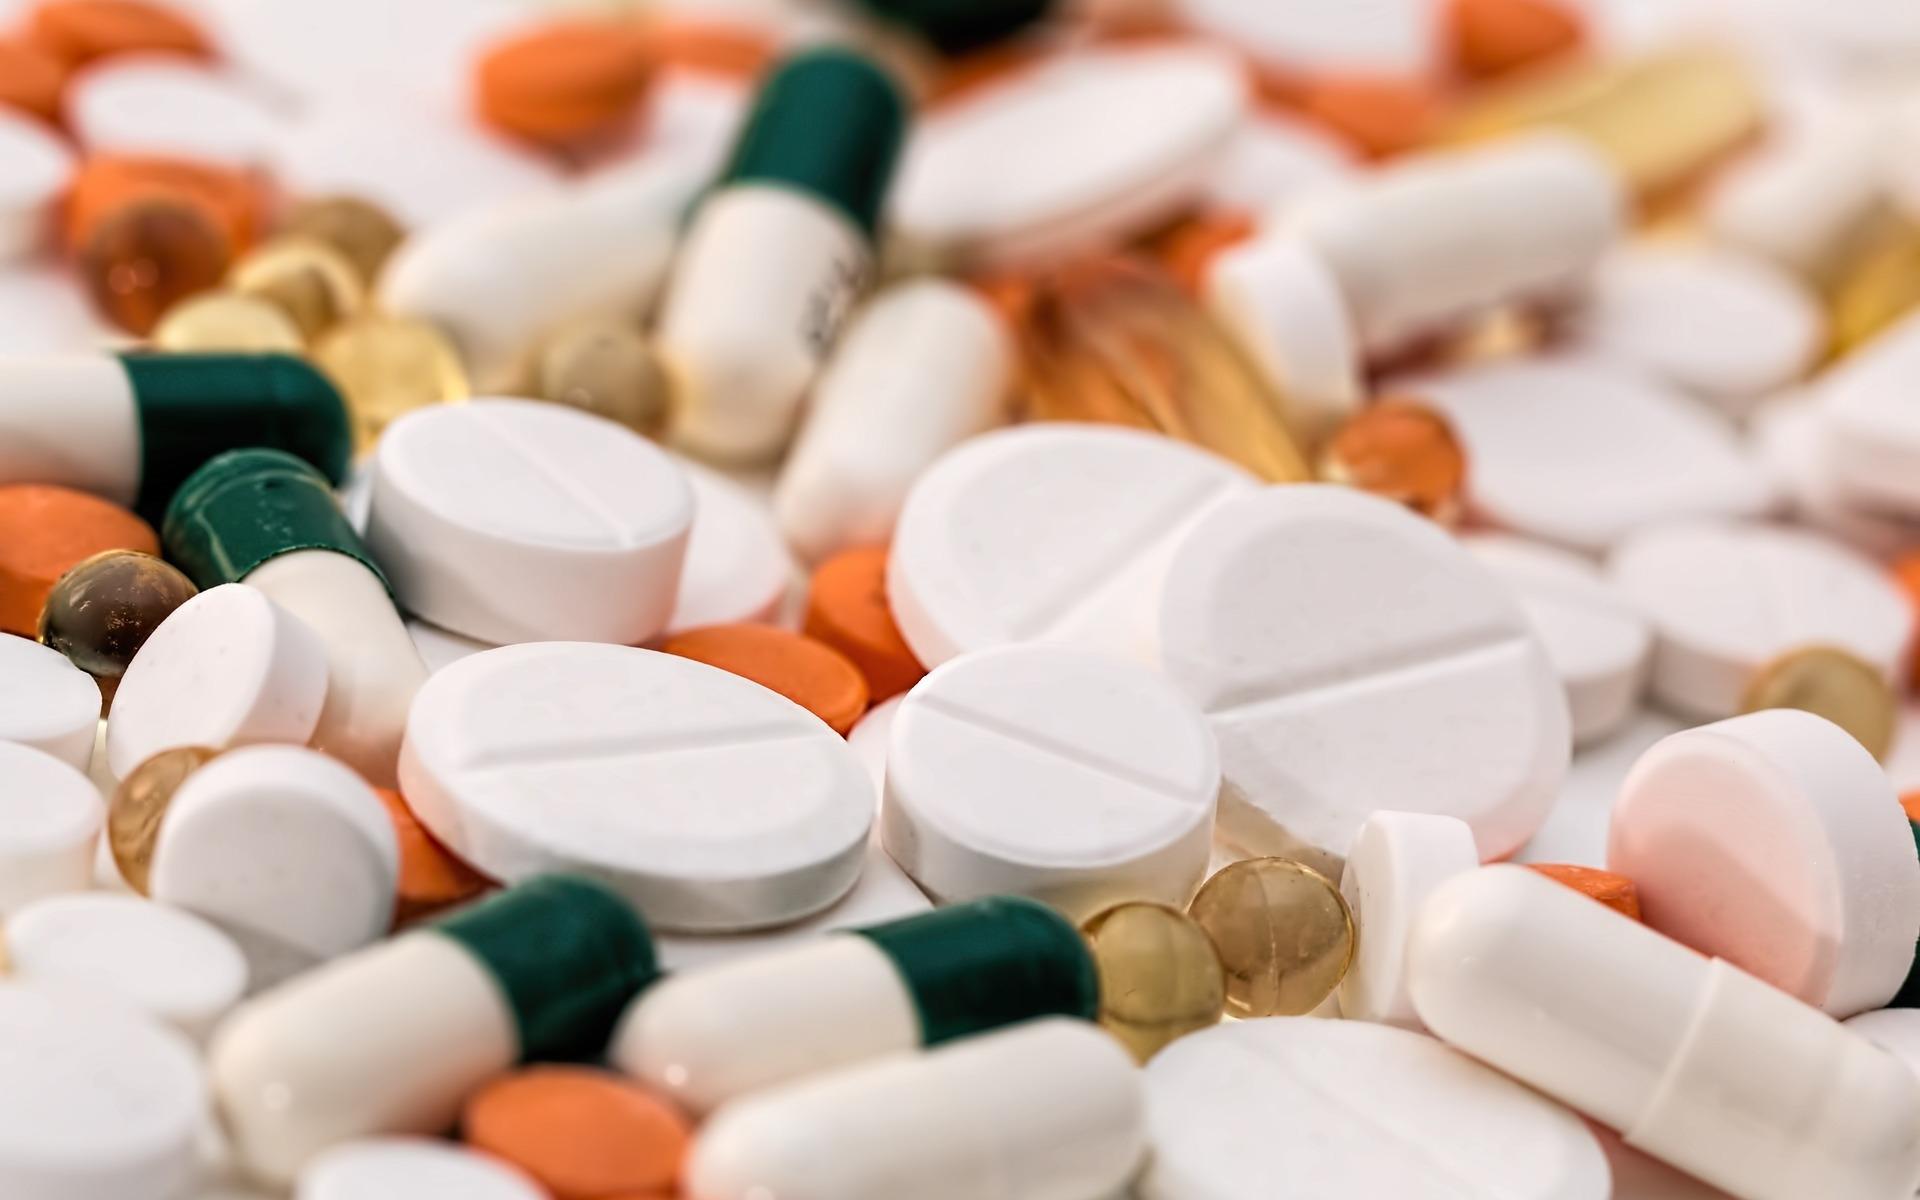 en México crean fármaco económico para combatir la influenza